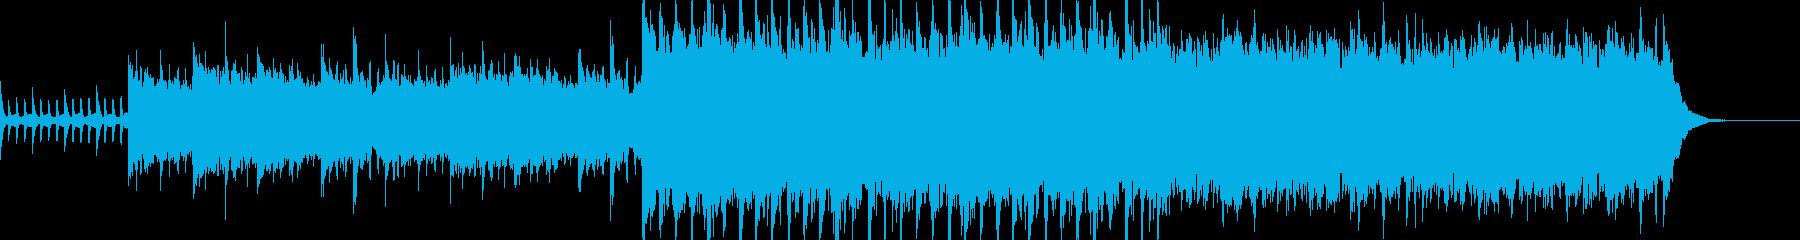 生演奏エレキギター 壮大なアンビエント曲の再生済みの波形